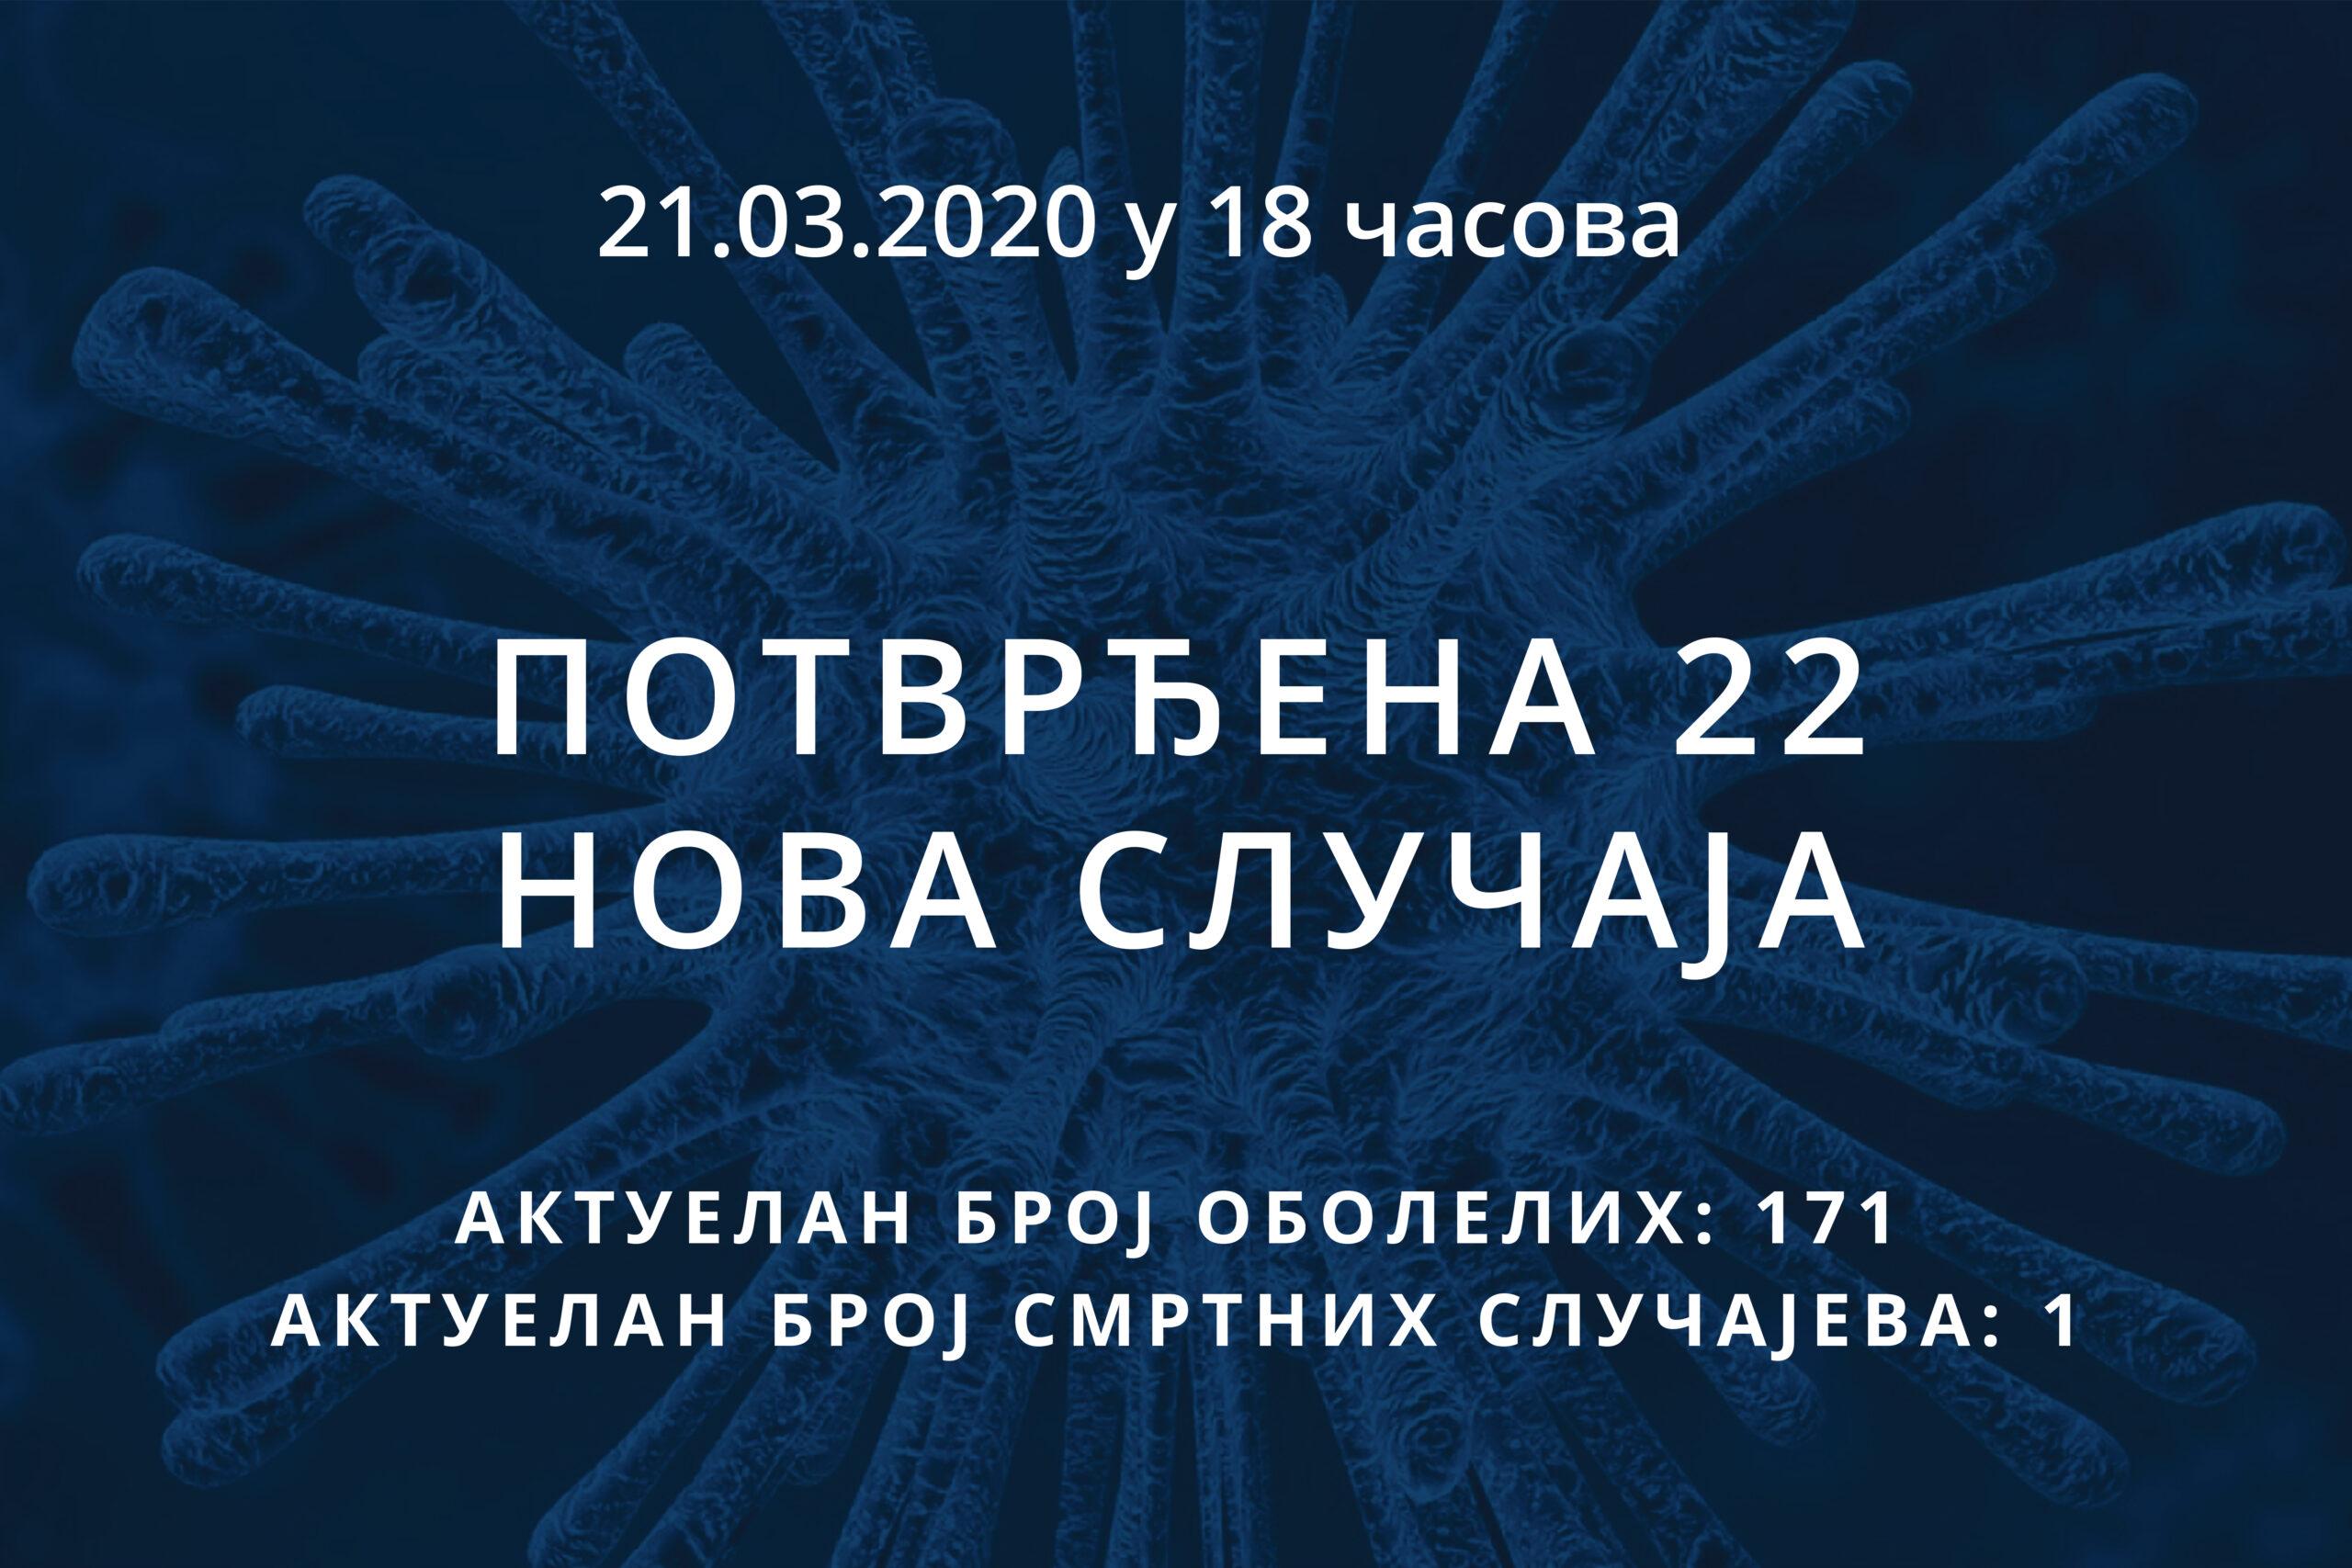 Информације о корона вирусу COVID-19, 21.03.2020 у 18 часова